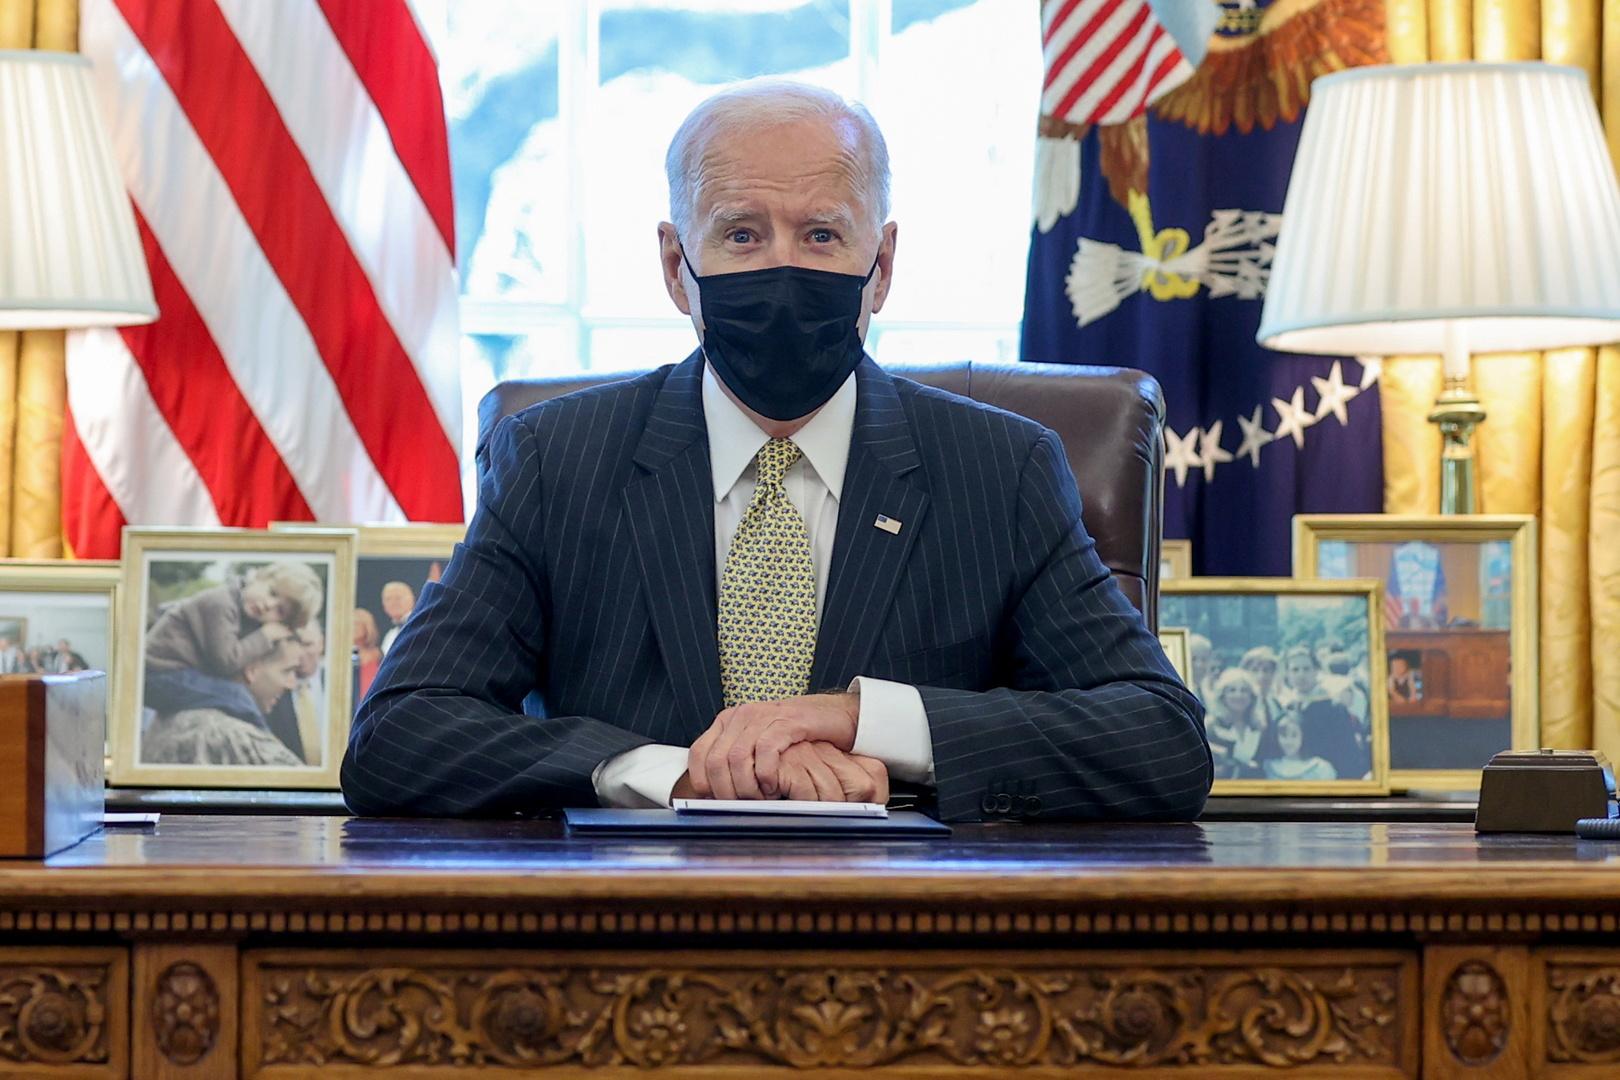 واشنطن: بايدن يبحث في استئناف بناء الجدار الحدودي الجنوبي